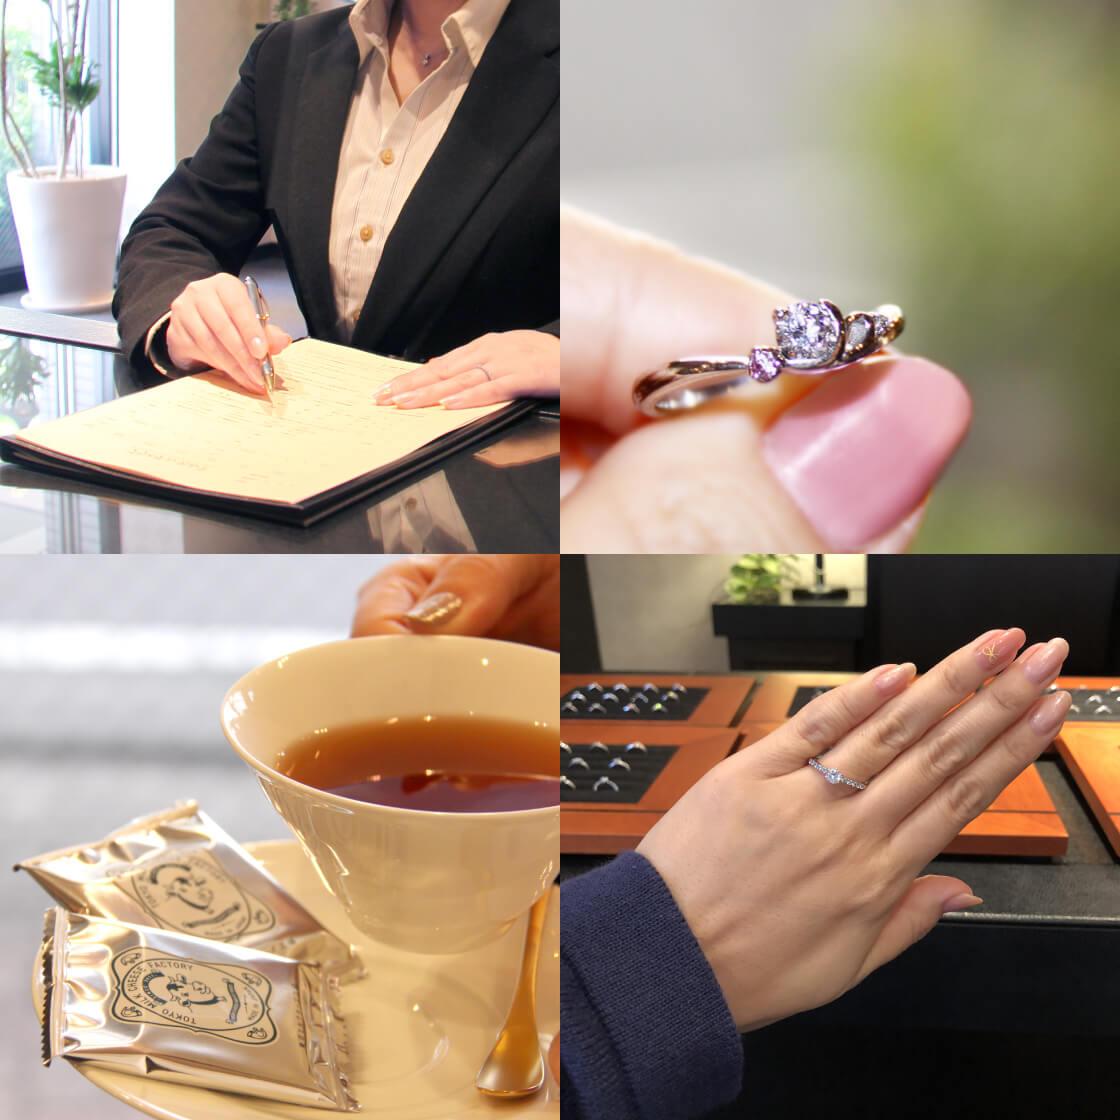 店内でのカウンセリングから、ゆっくりお茶を飲みながら好きなデザインを試着して選んでいる様子